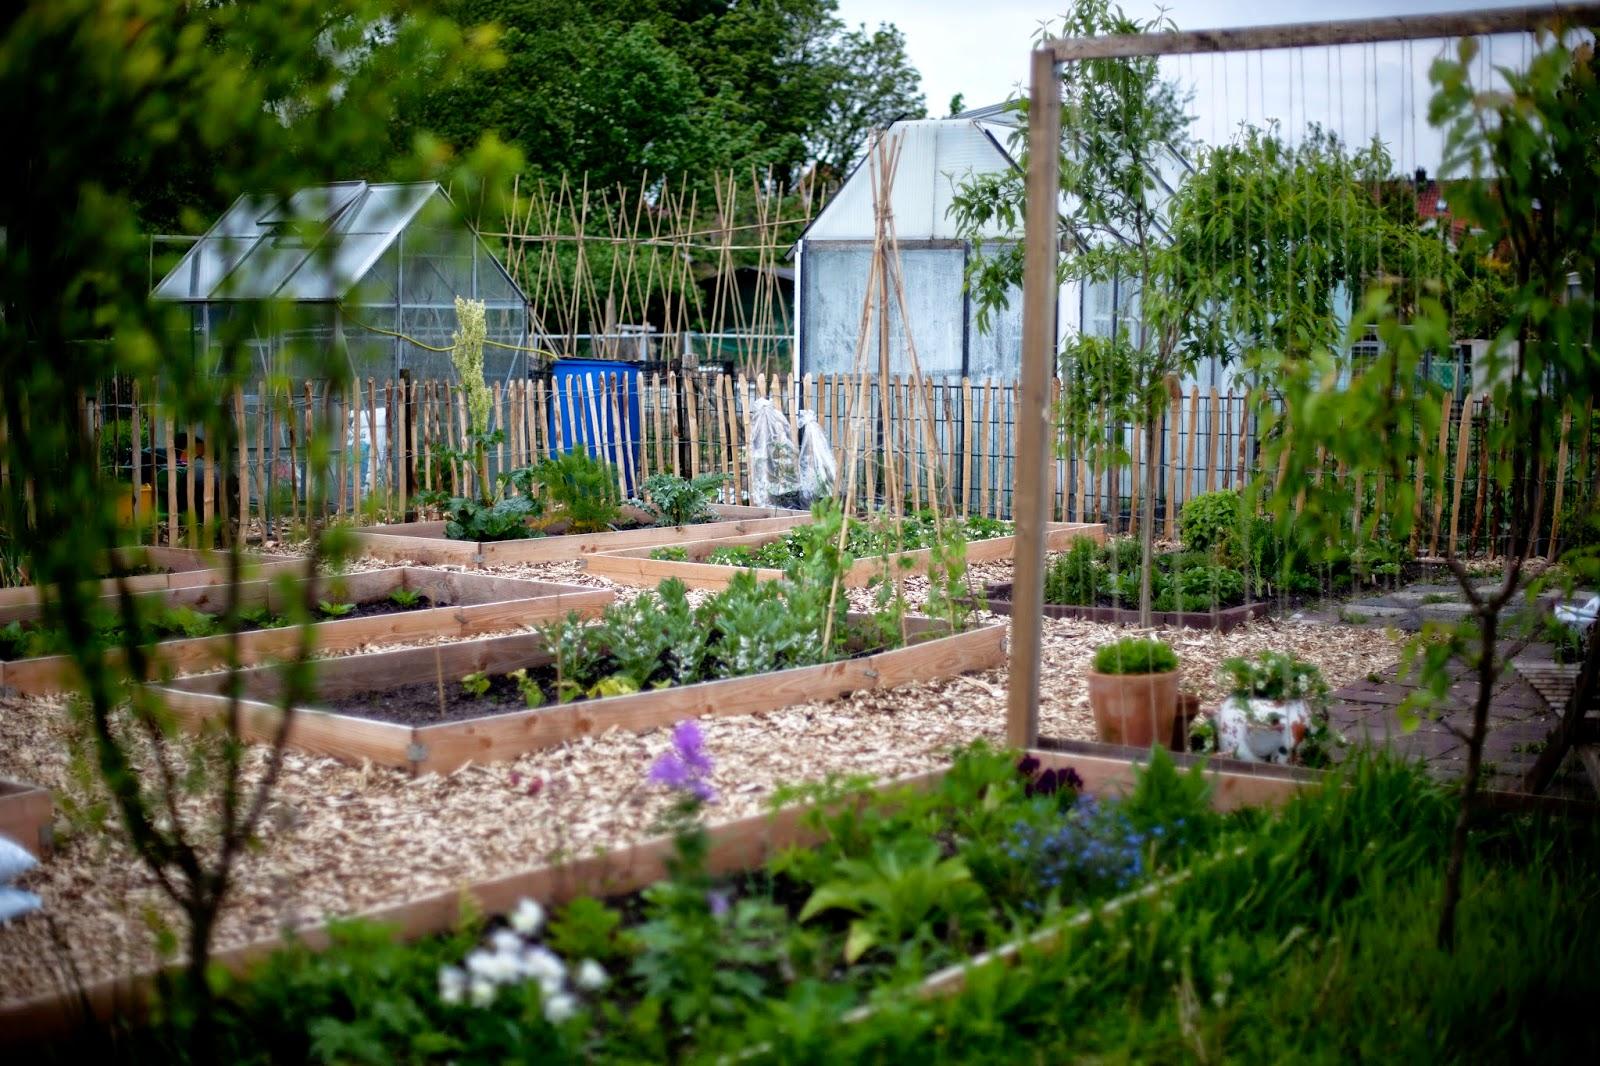 Mijn huis tuin keuken de moestuin op 18 mei 2015 for Huis in de tuin